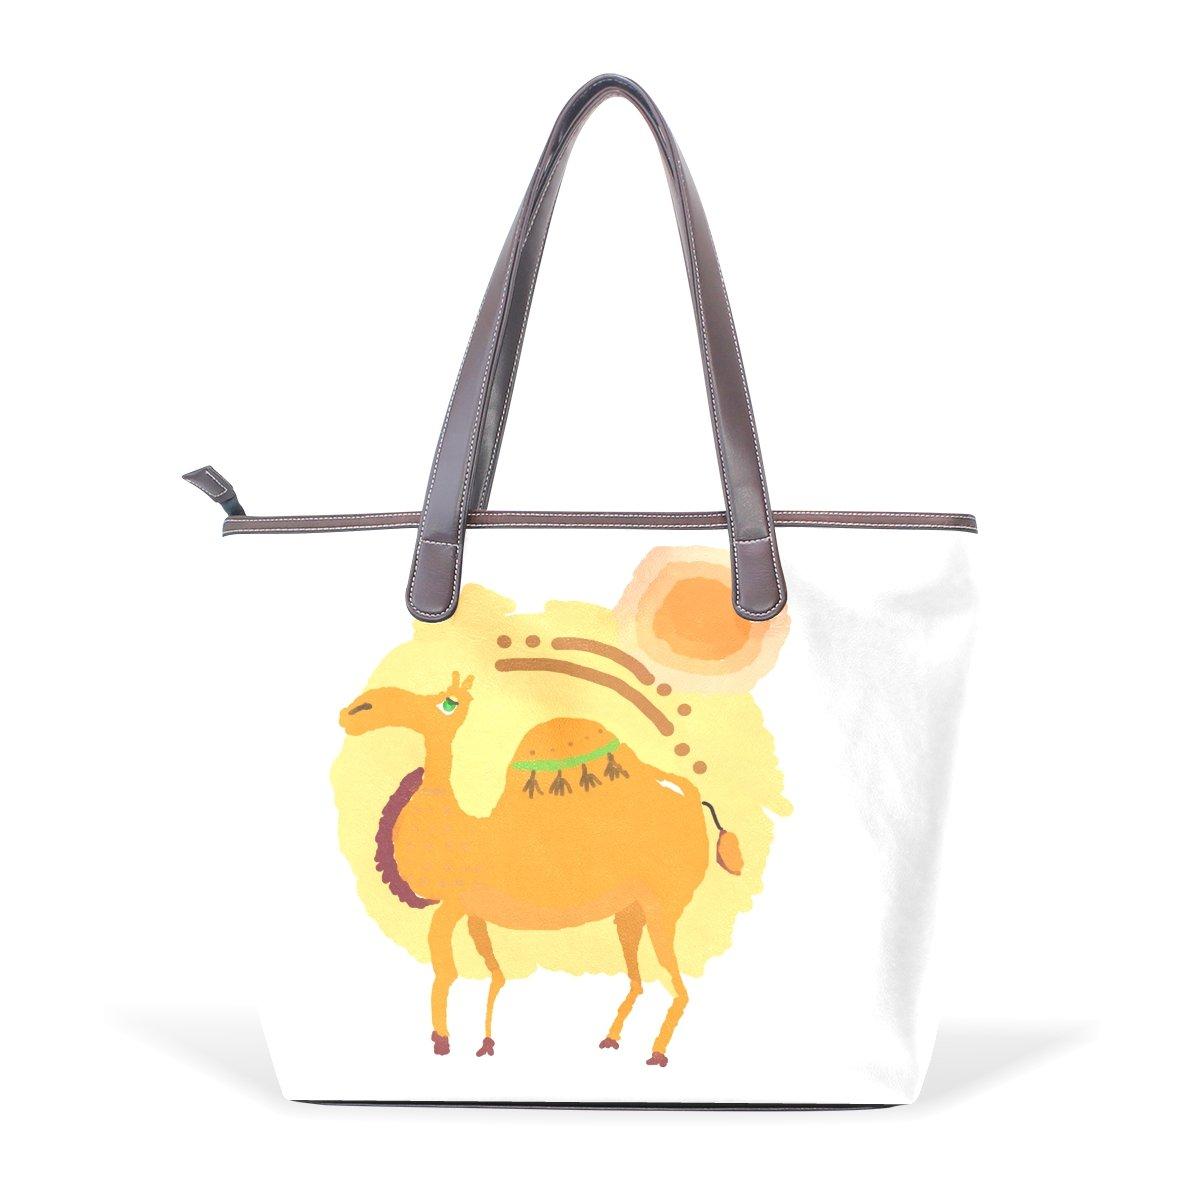 Ye Store Lovely Camel Lady PU Leather Handbag Tote Bag Shoulder Bag Shopping Bag